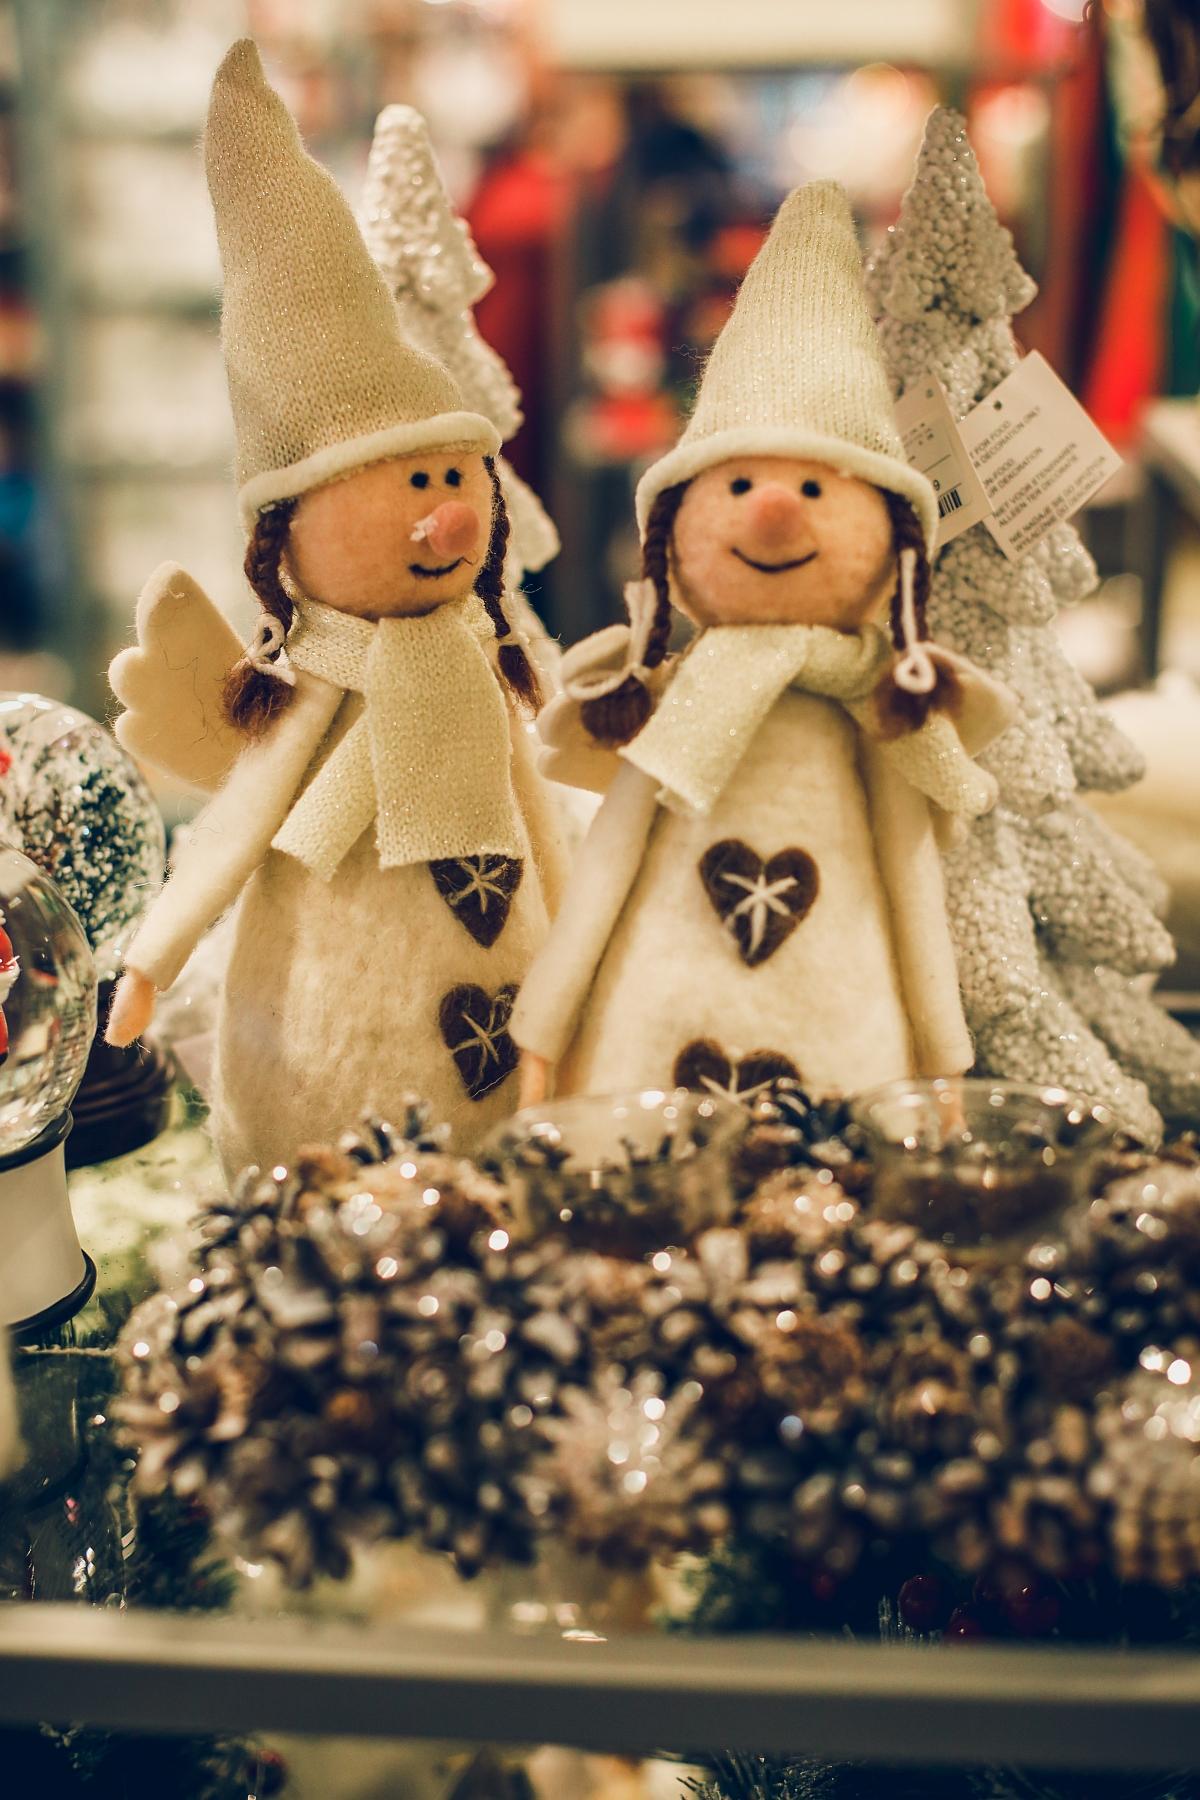 świąteczne prezenty dla każdego TK Maxx anioły